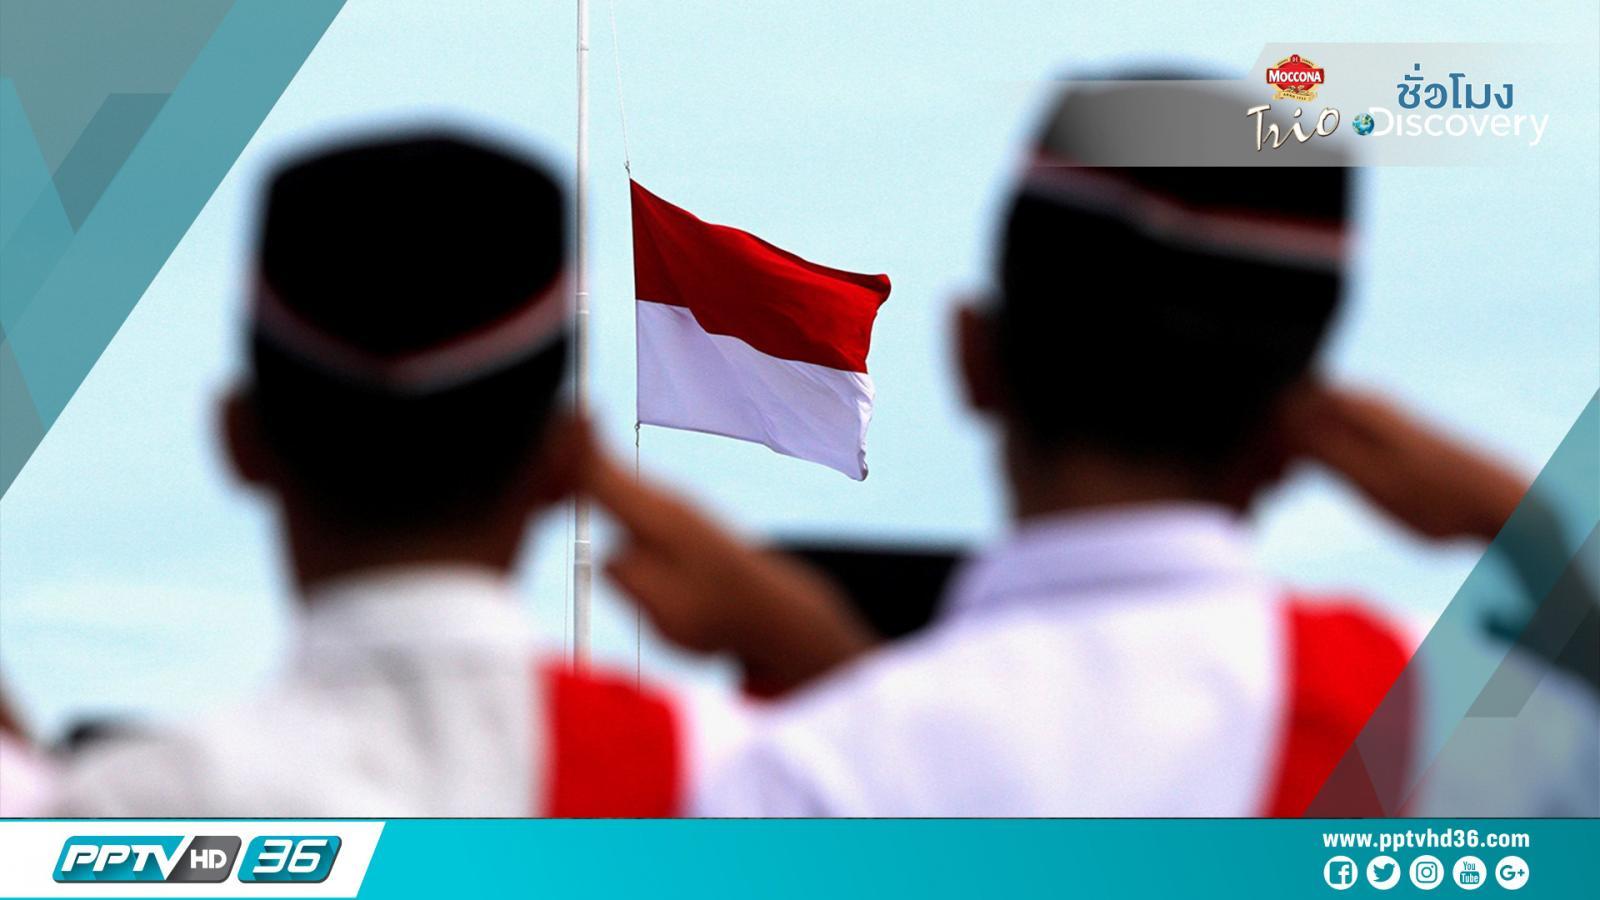 เกิดอะไรชึ้น? ถ้าอินโดนีเซียไม่ได้ประกาศเอกราช